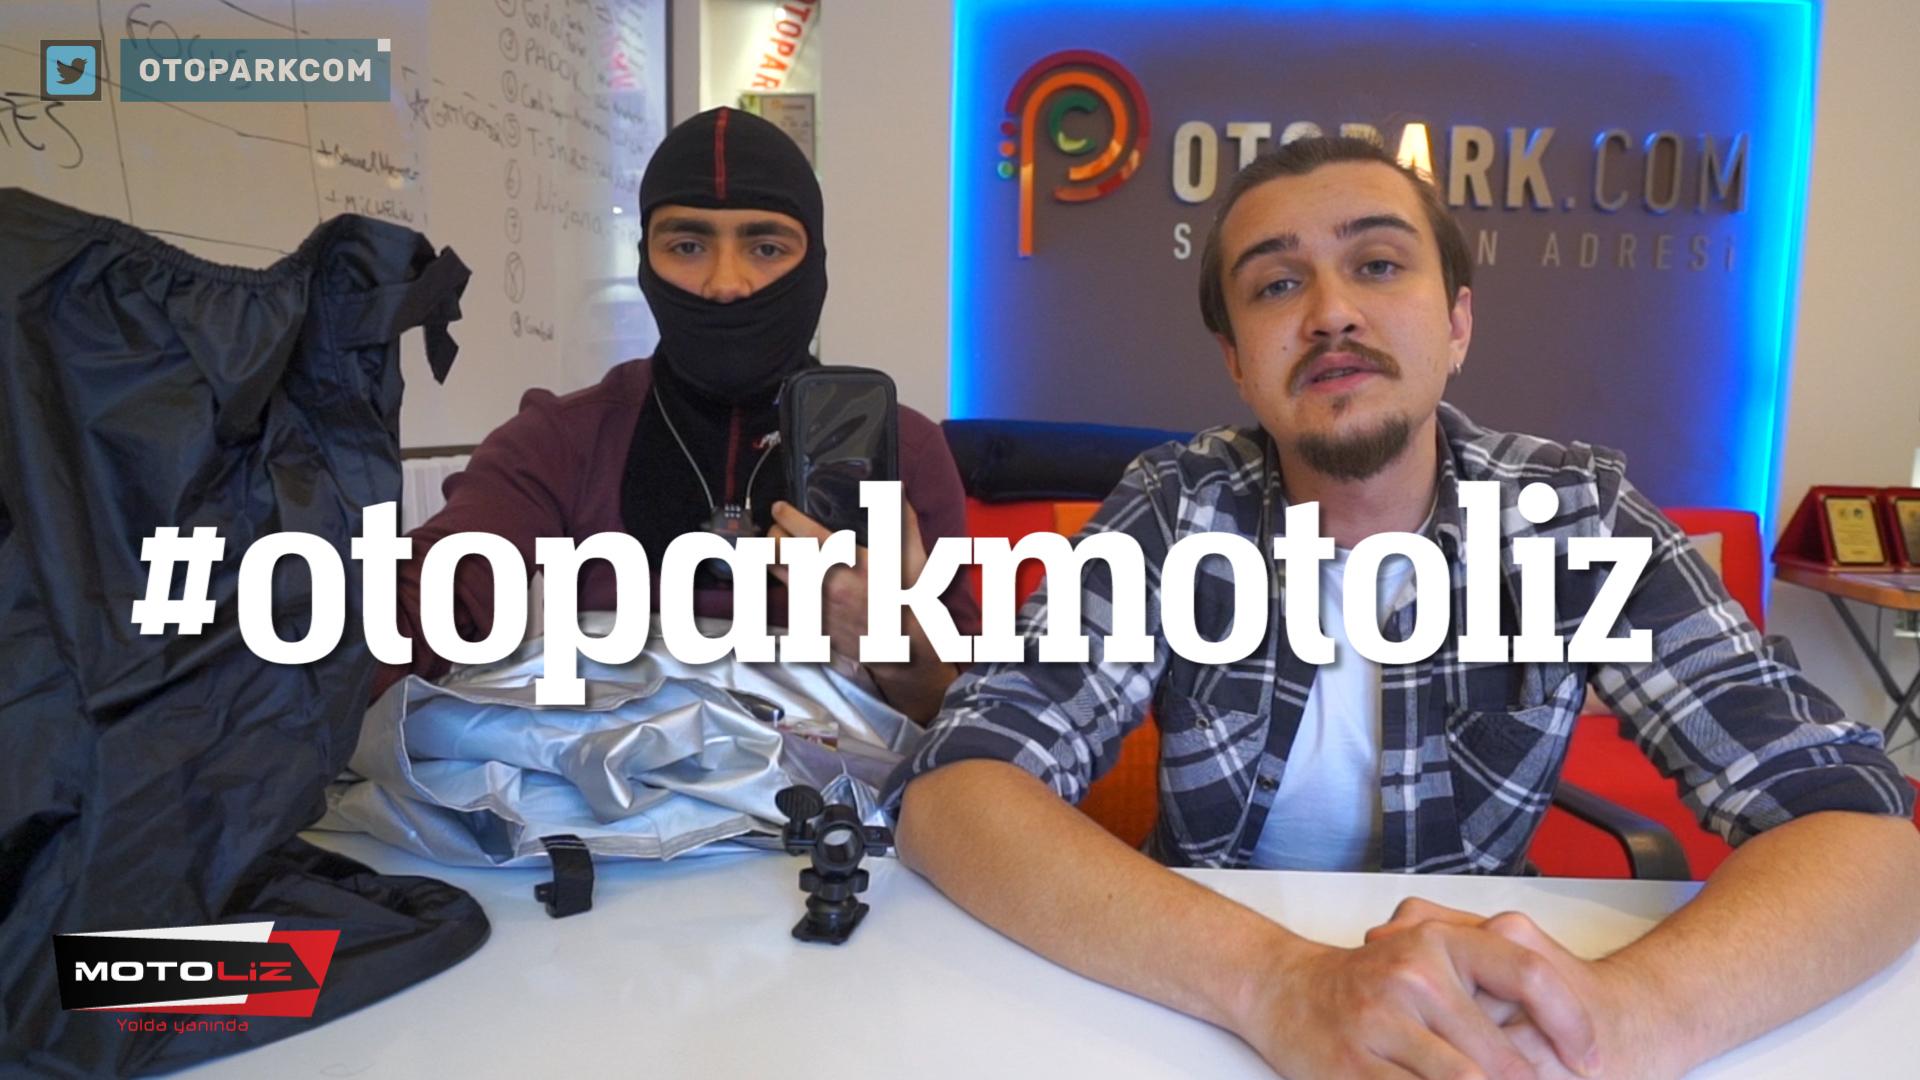 Photo of Motosiklet Tutkunlarına Verebileceğiniz Yılbaşı Hediyeleri (SÜPRİZ ÇEKİLİŞLİ!)